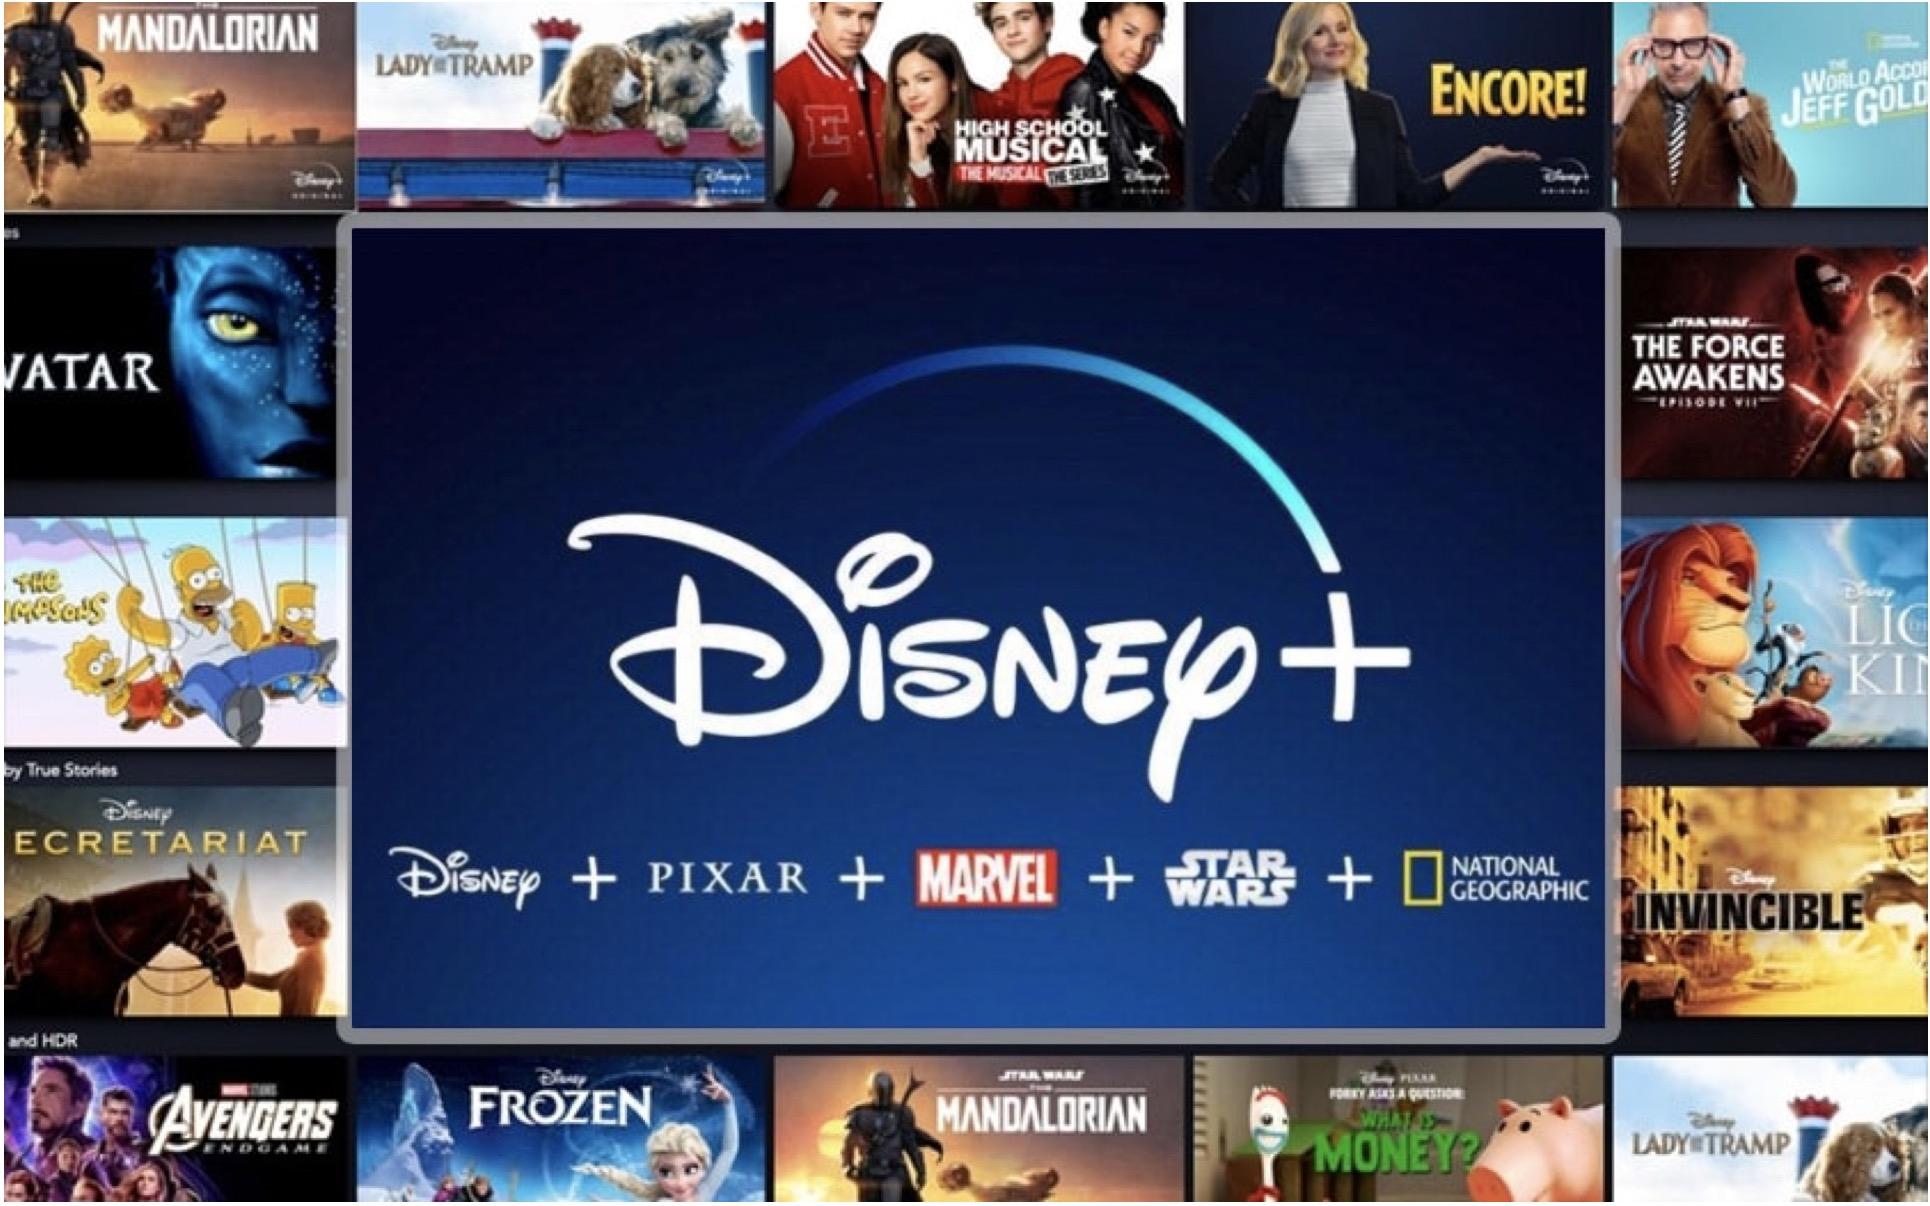 Code promo Disney+ : 7 jours d'essai gratuits à la nouvelle plateforme vidéo Disney + pour toute inscription au lancement